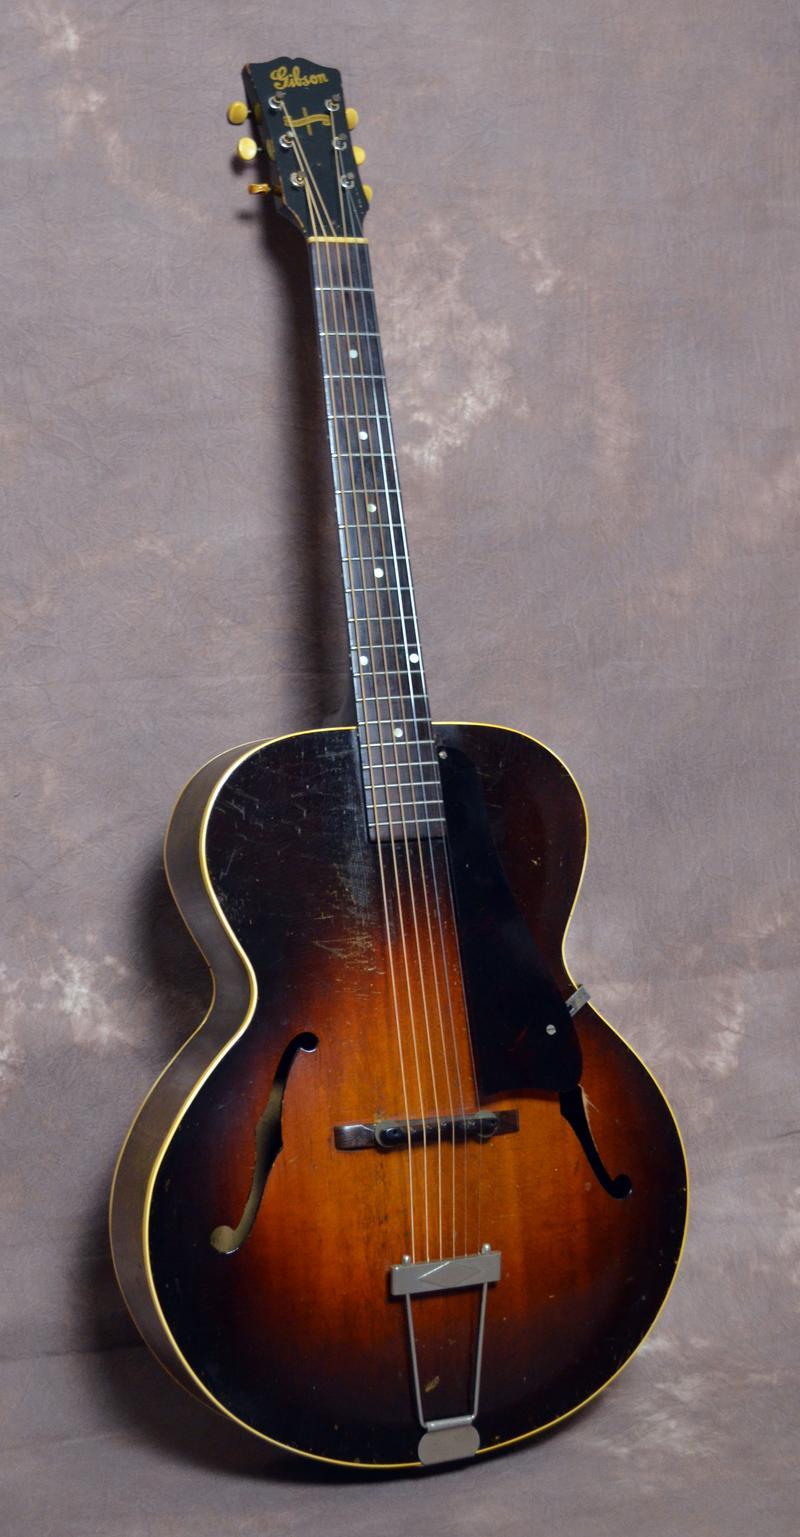 1943 Gibson guitar photo